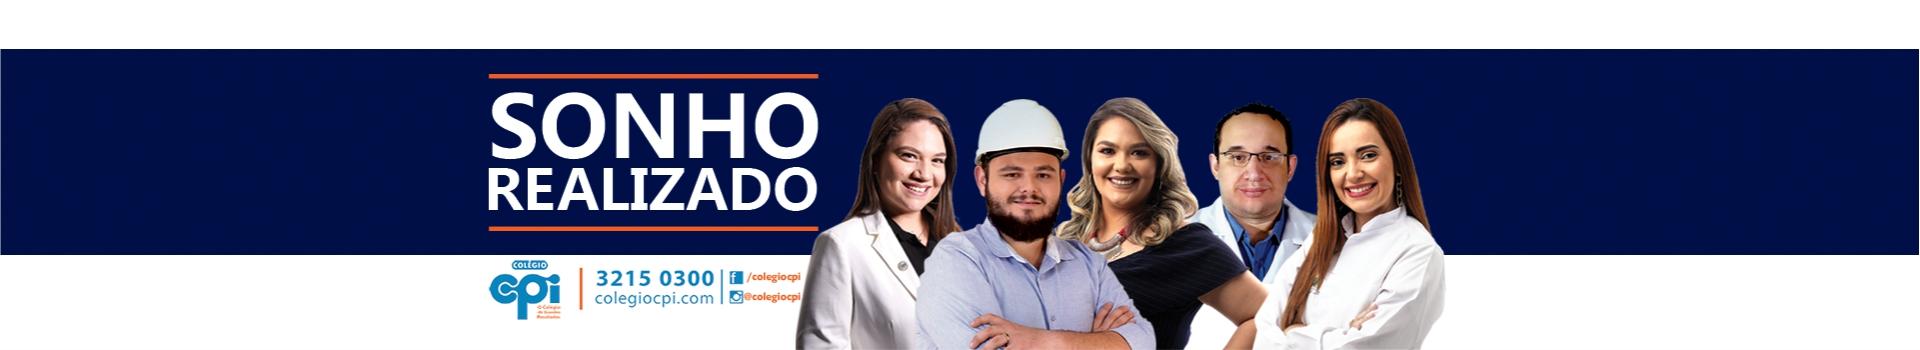 Campanha-CPI-2019-Profissionais-1920X350